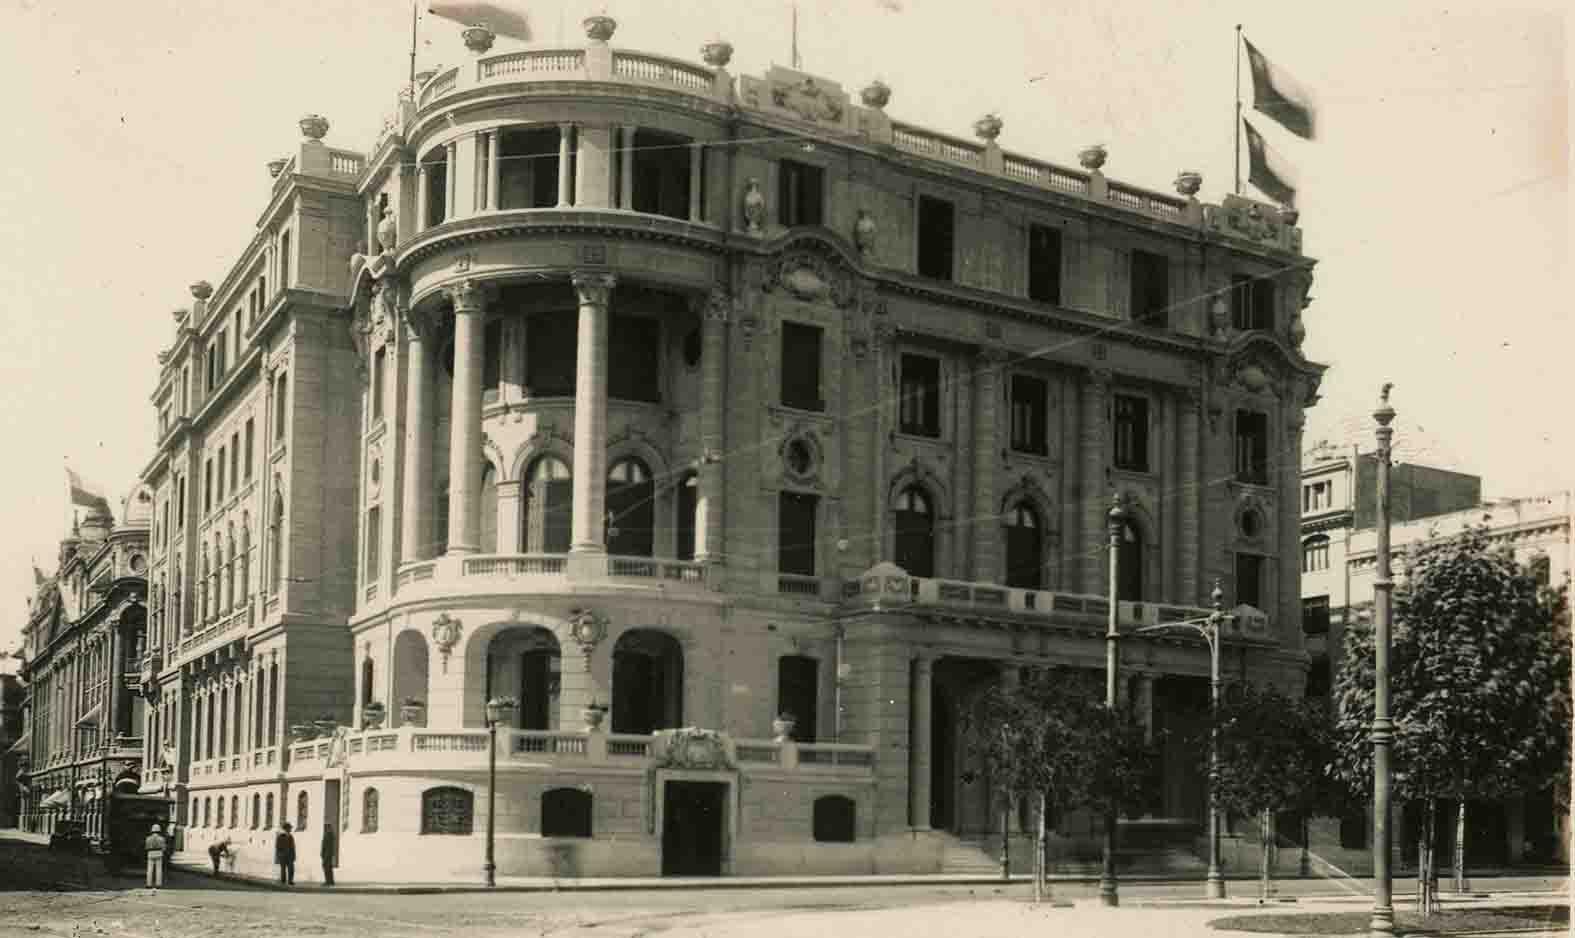 Enterreno - Fotos históricas de chile - fotos antiguas de Chile - Club de la Unión de Santiago ca. 1925